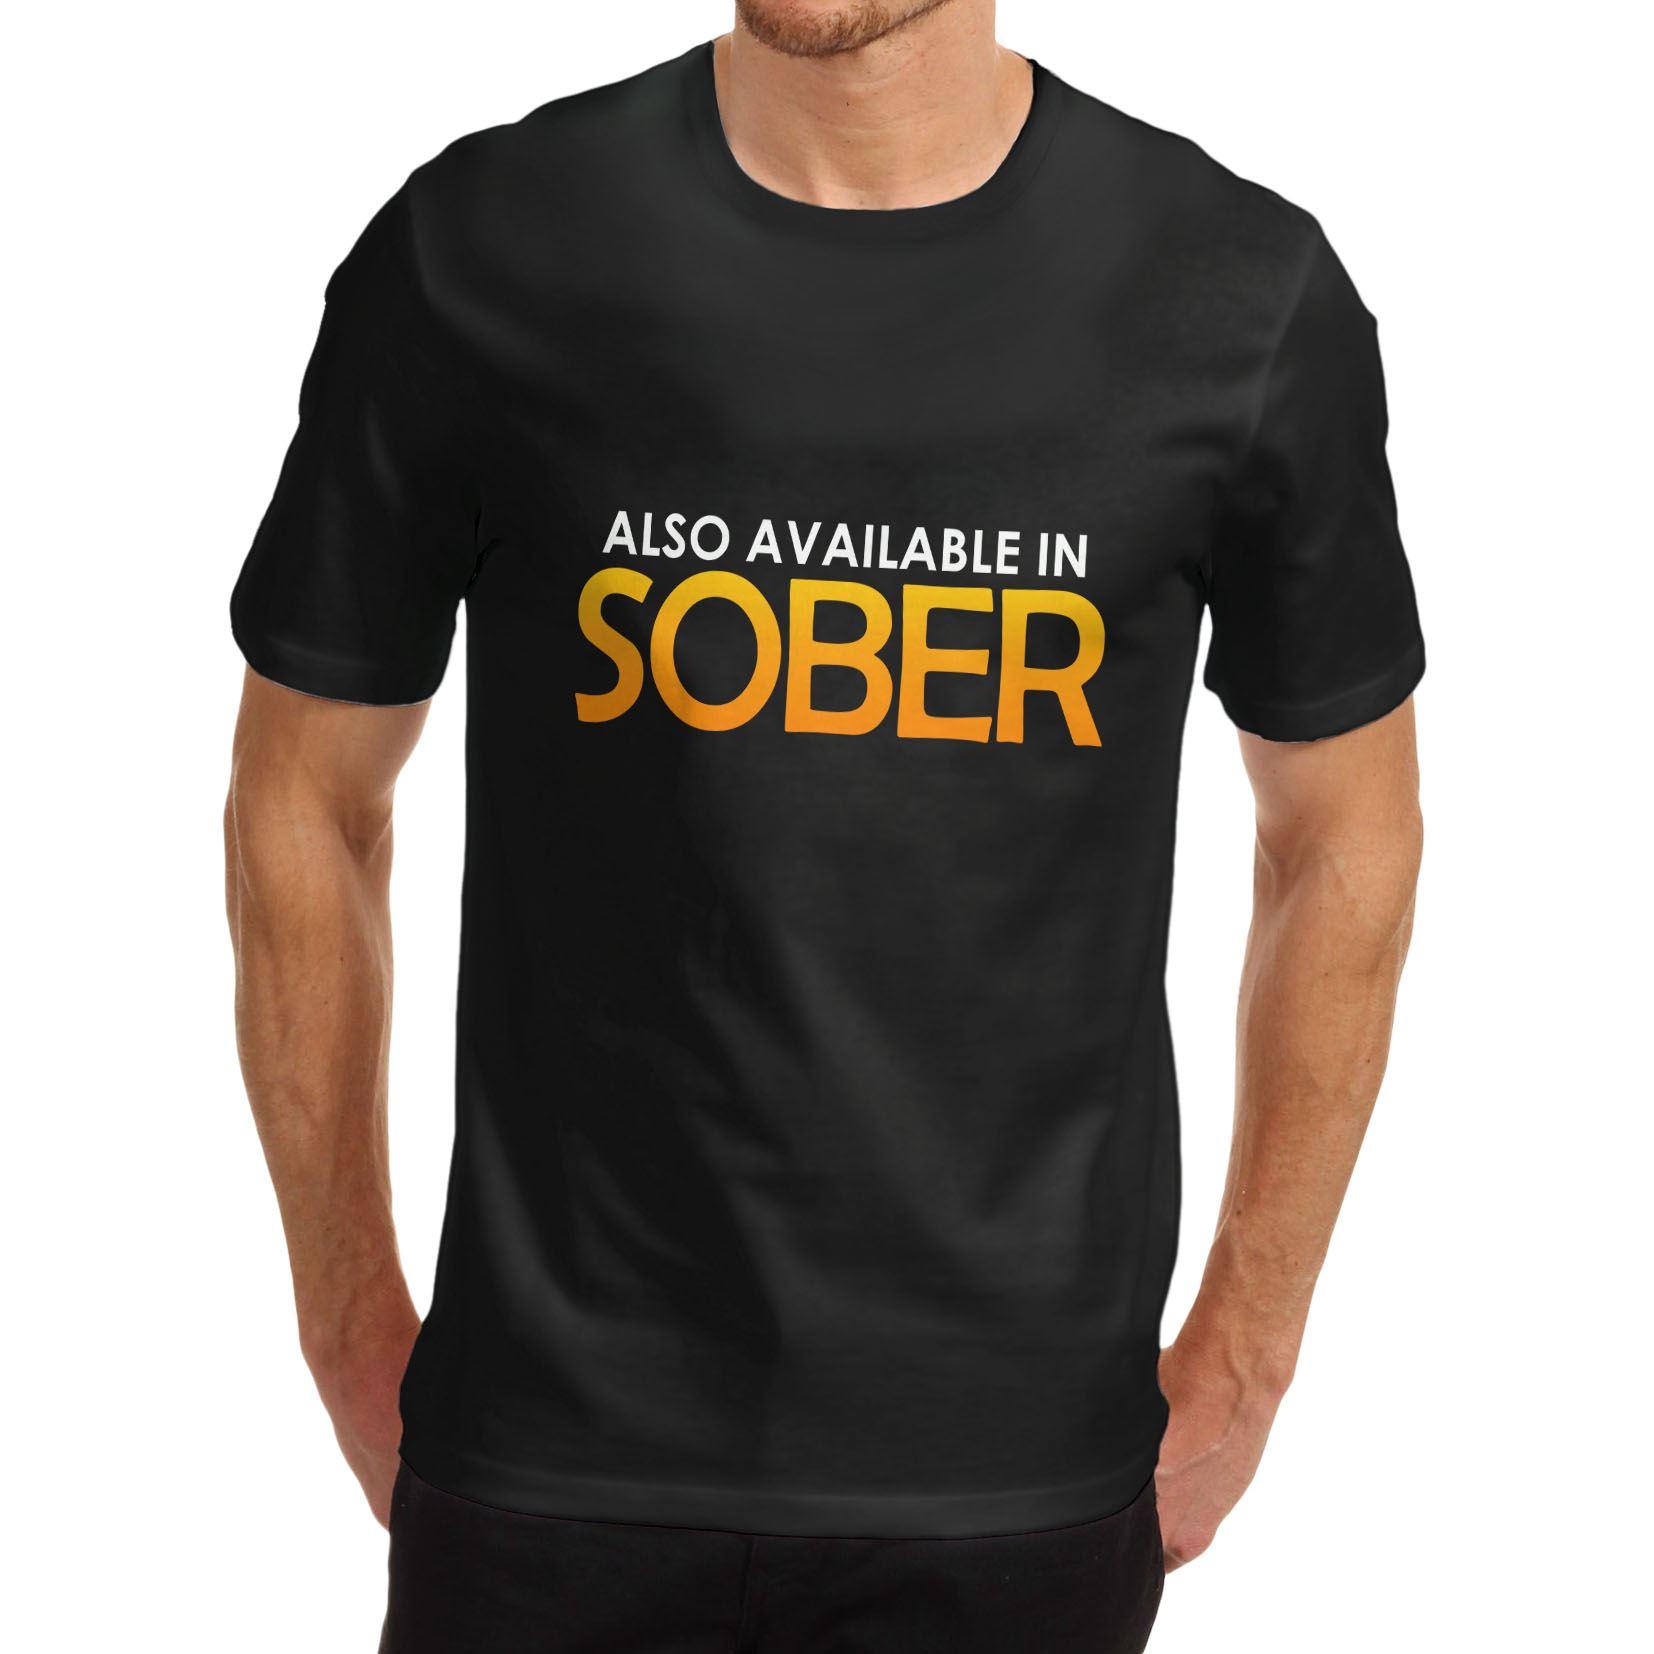 Homme aussi disponible en sobre drôle blague t-shirt